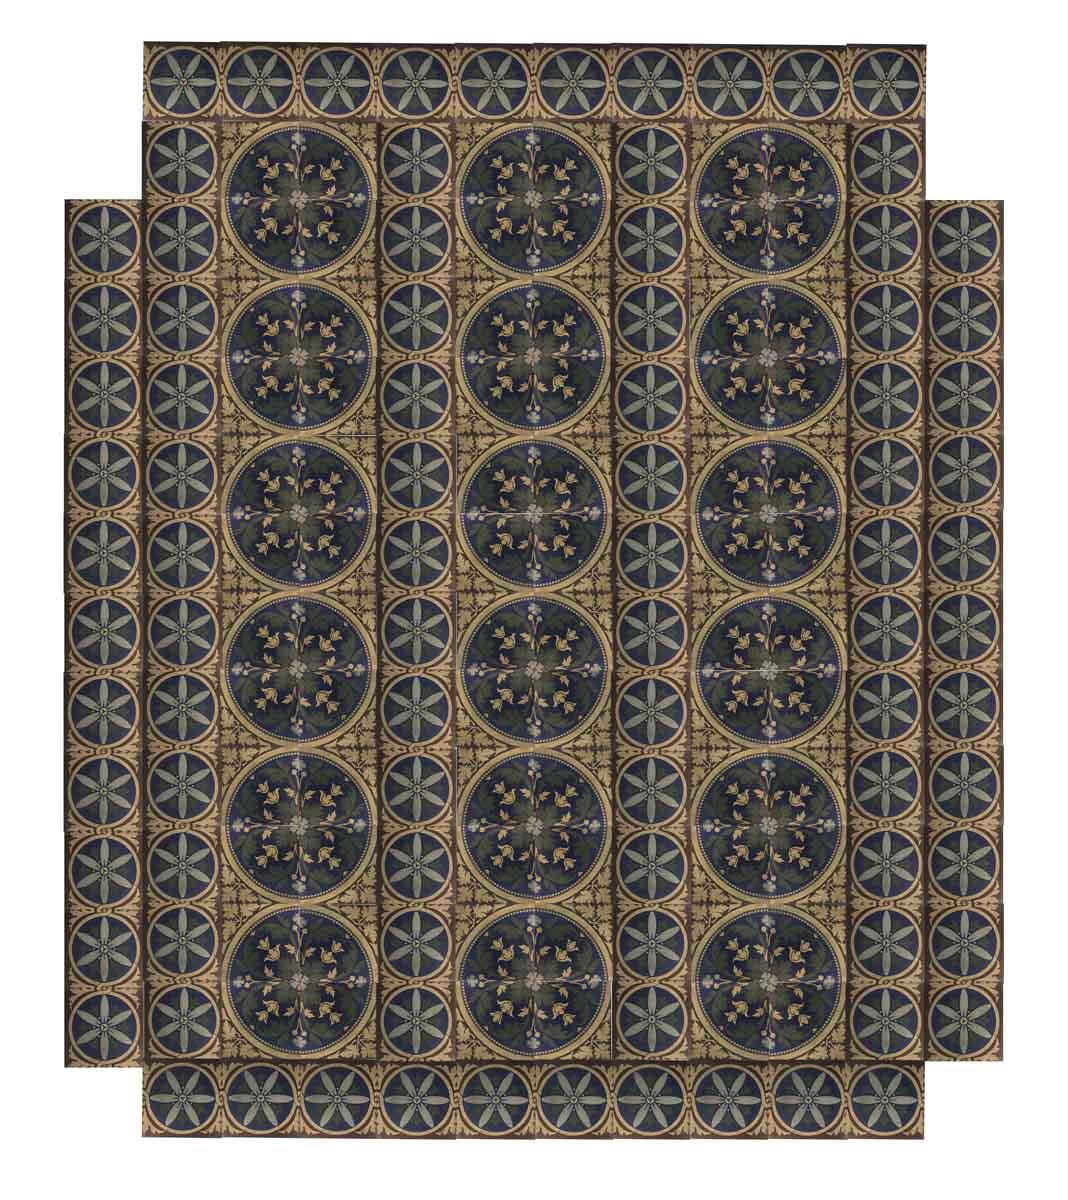 Encaustic Minton Stoke Upon Trent Tile Floor Olde Good Things